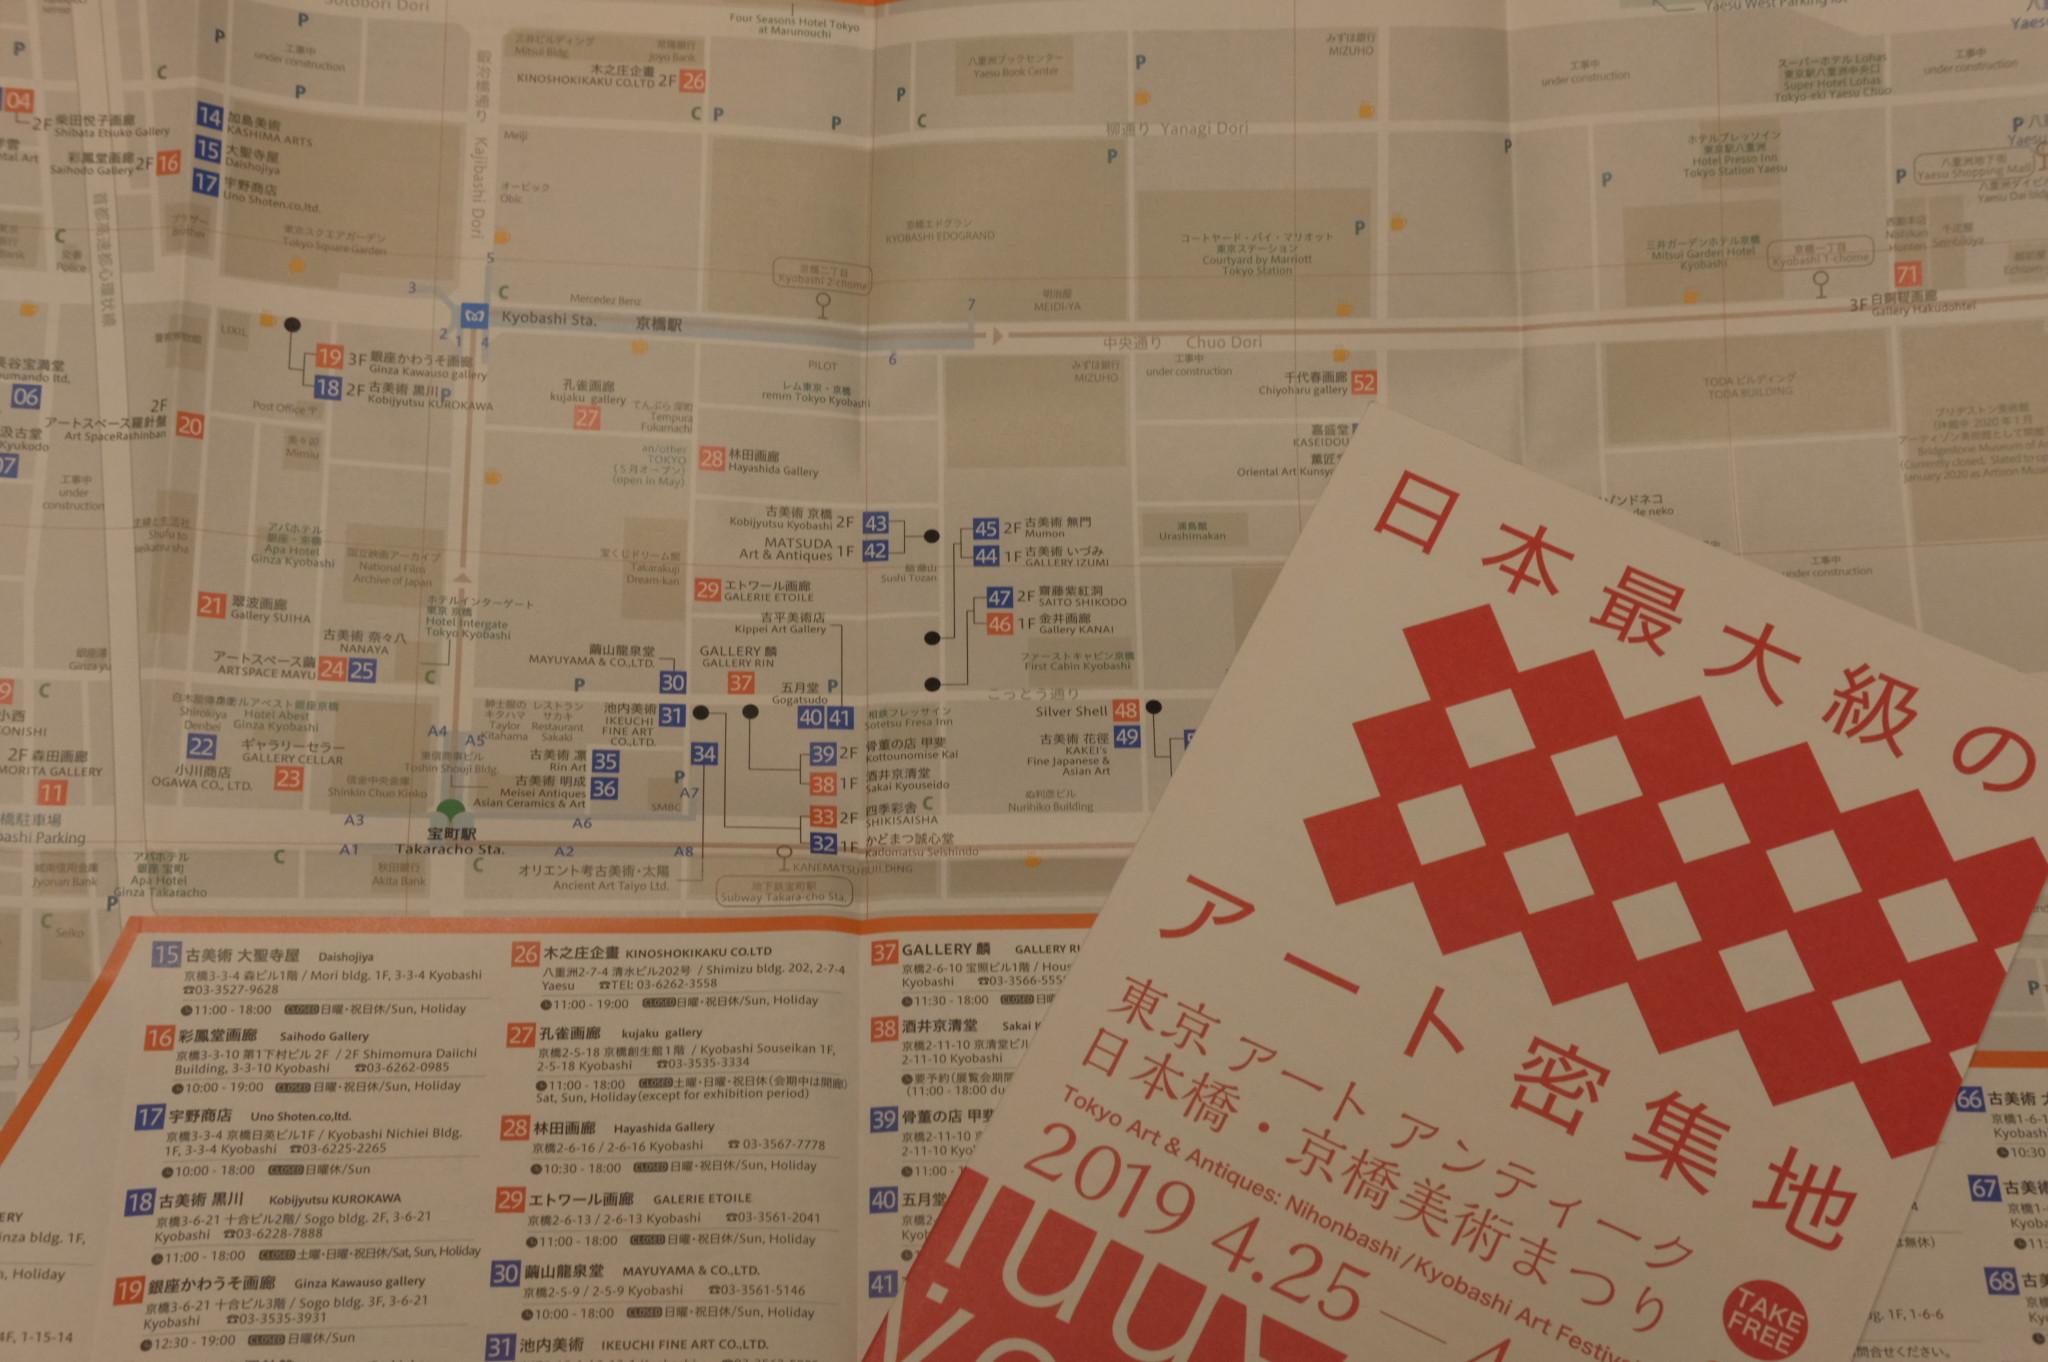 東京アートアンティーク〜日本橋・京橋 美術まつり